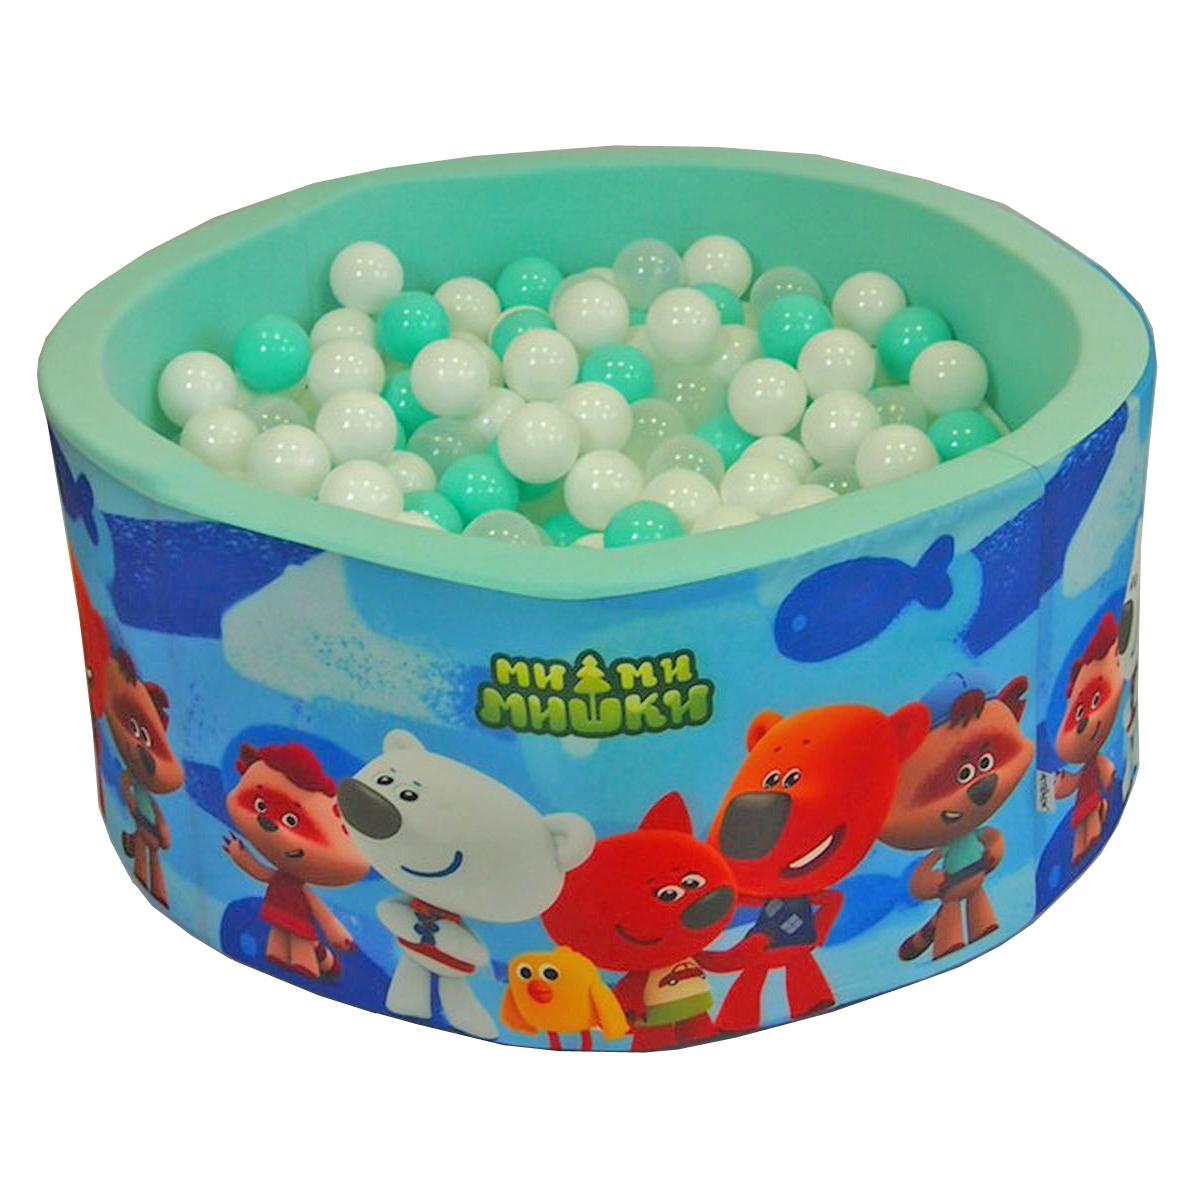 Сухой бассейн Hotenok МиМиМишки Синий с мятным, 100х40 см + 200 шариков